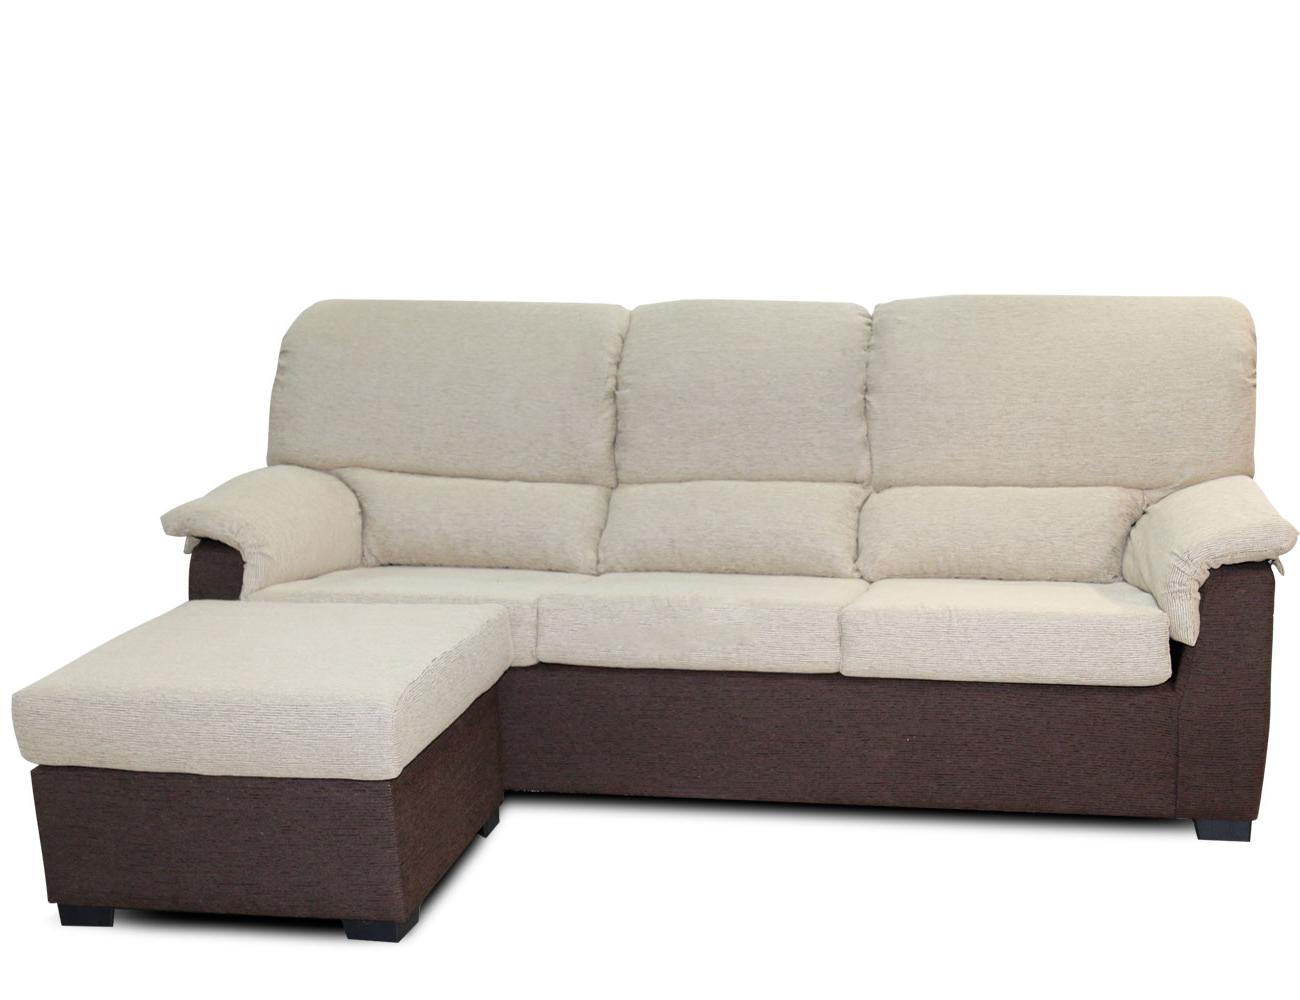 Muebles sofas Bqdd Factory Del Mueble Utrera Los Muebles Y sofà S Mas Baratos Factory